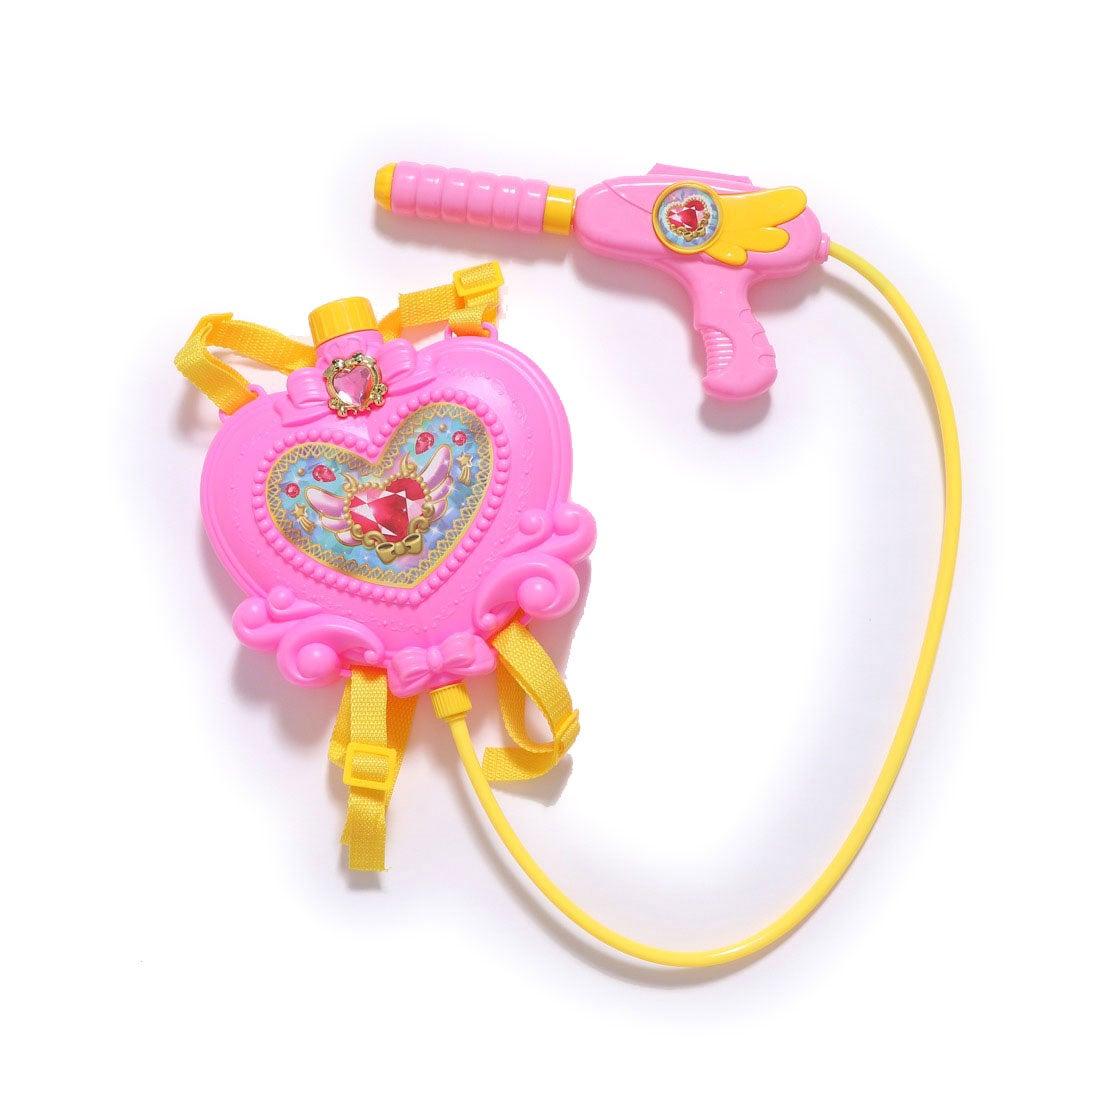 アルペンセレクト Alpen select ジュニア レジャー用品 玩具 ウォーターガンラブリータンク 000013770